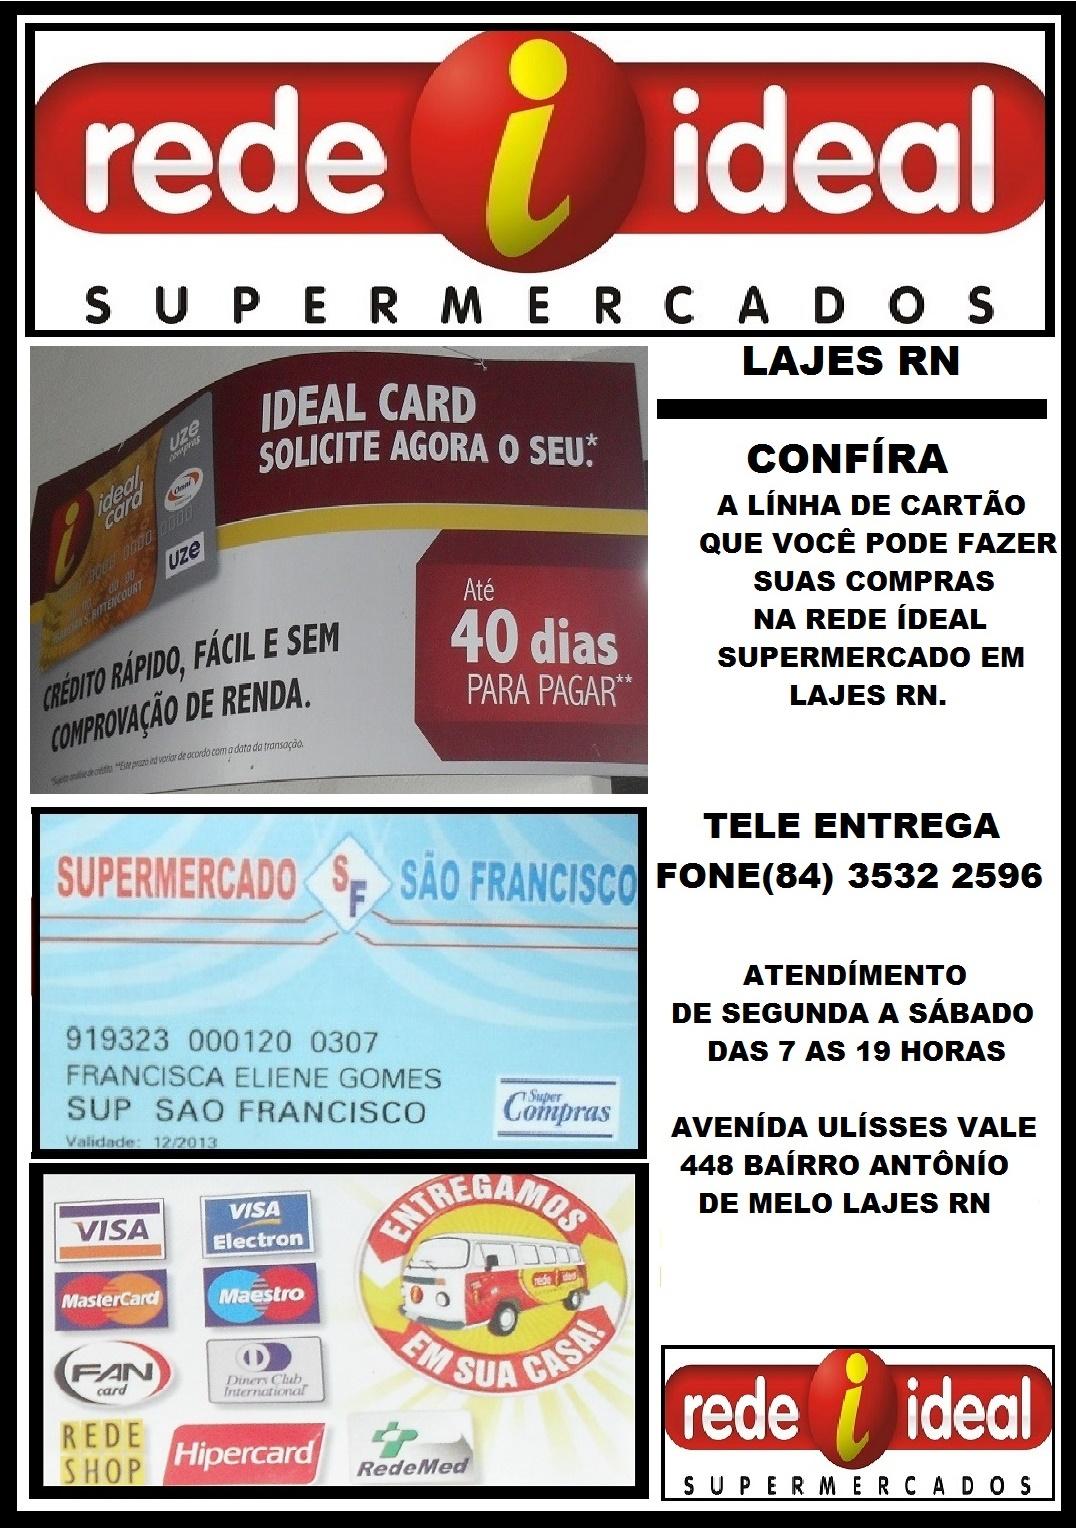 SUPERMERCADO SÃO FRANCISCO REDE IDEAL  LAJES RN